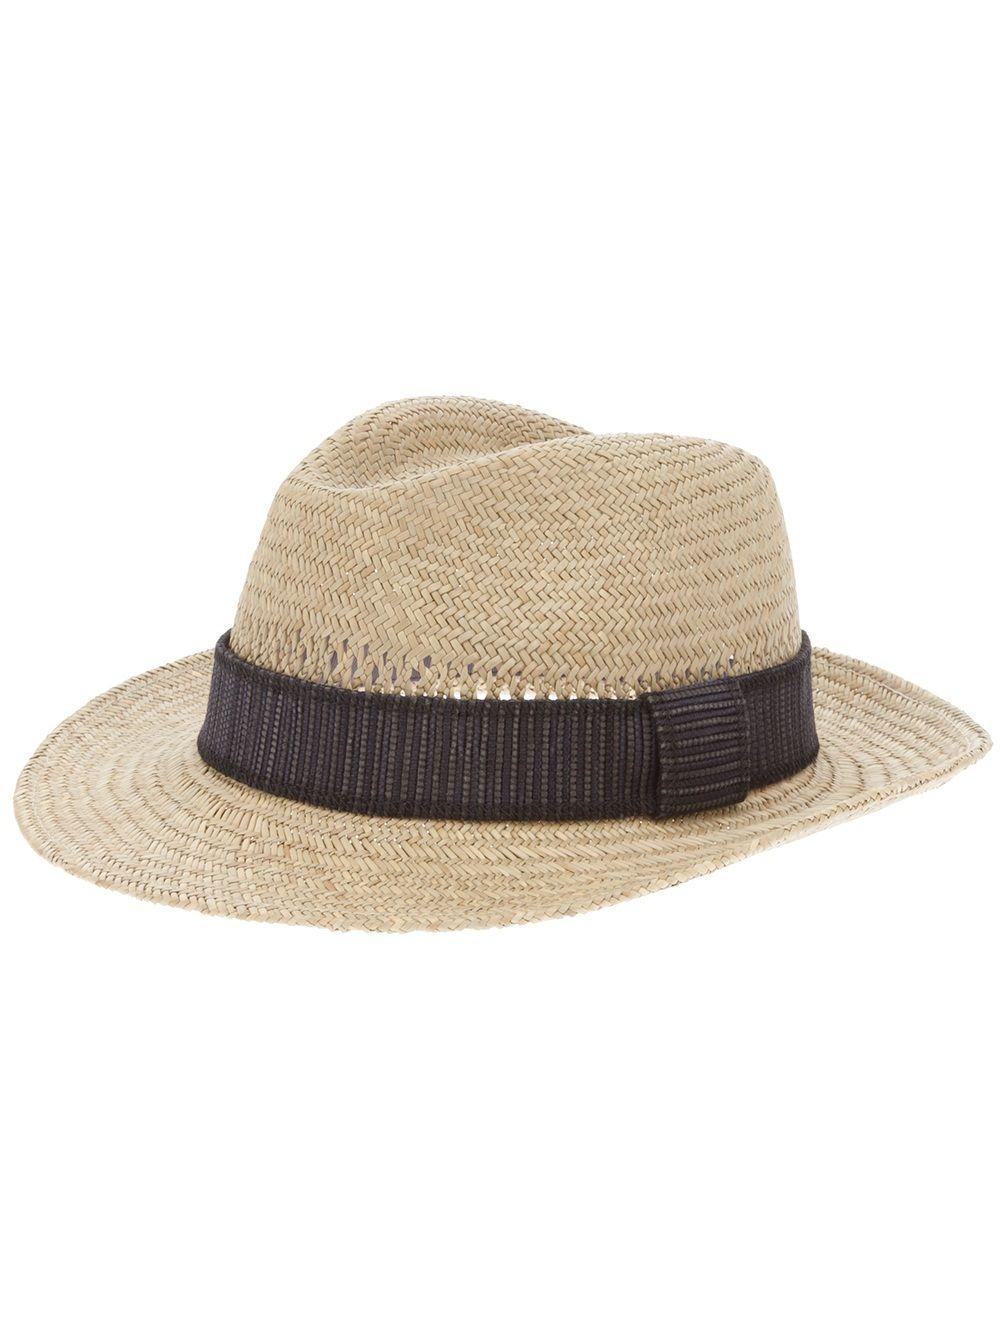 Lanvin Beige Ribbon Tie Straw Hat Hats Hat Designs Chic Pumps